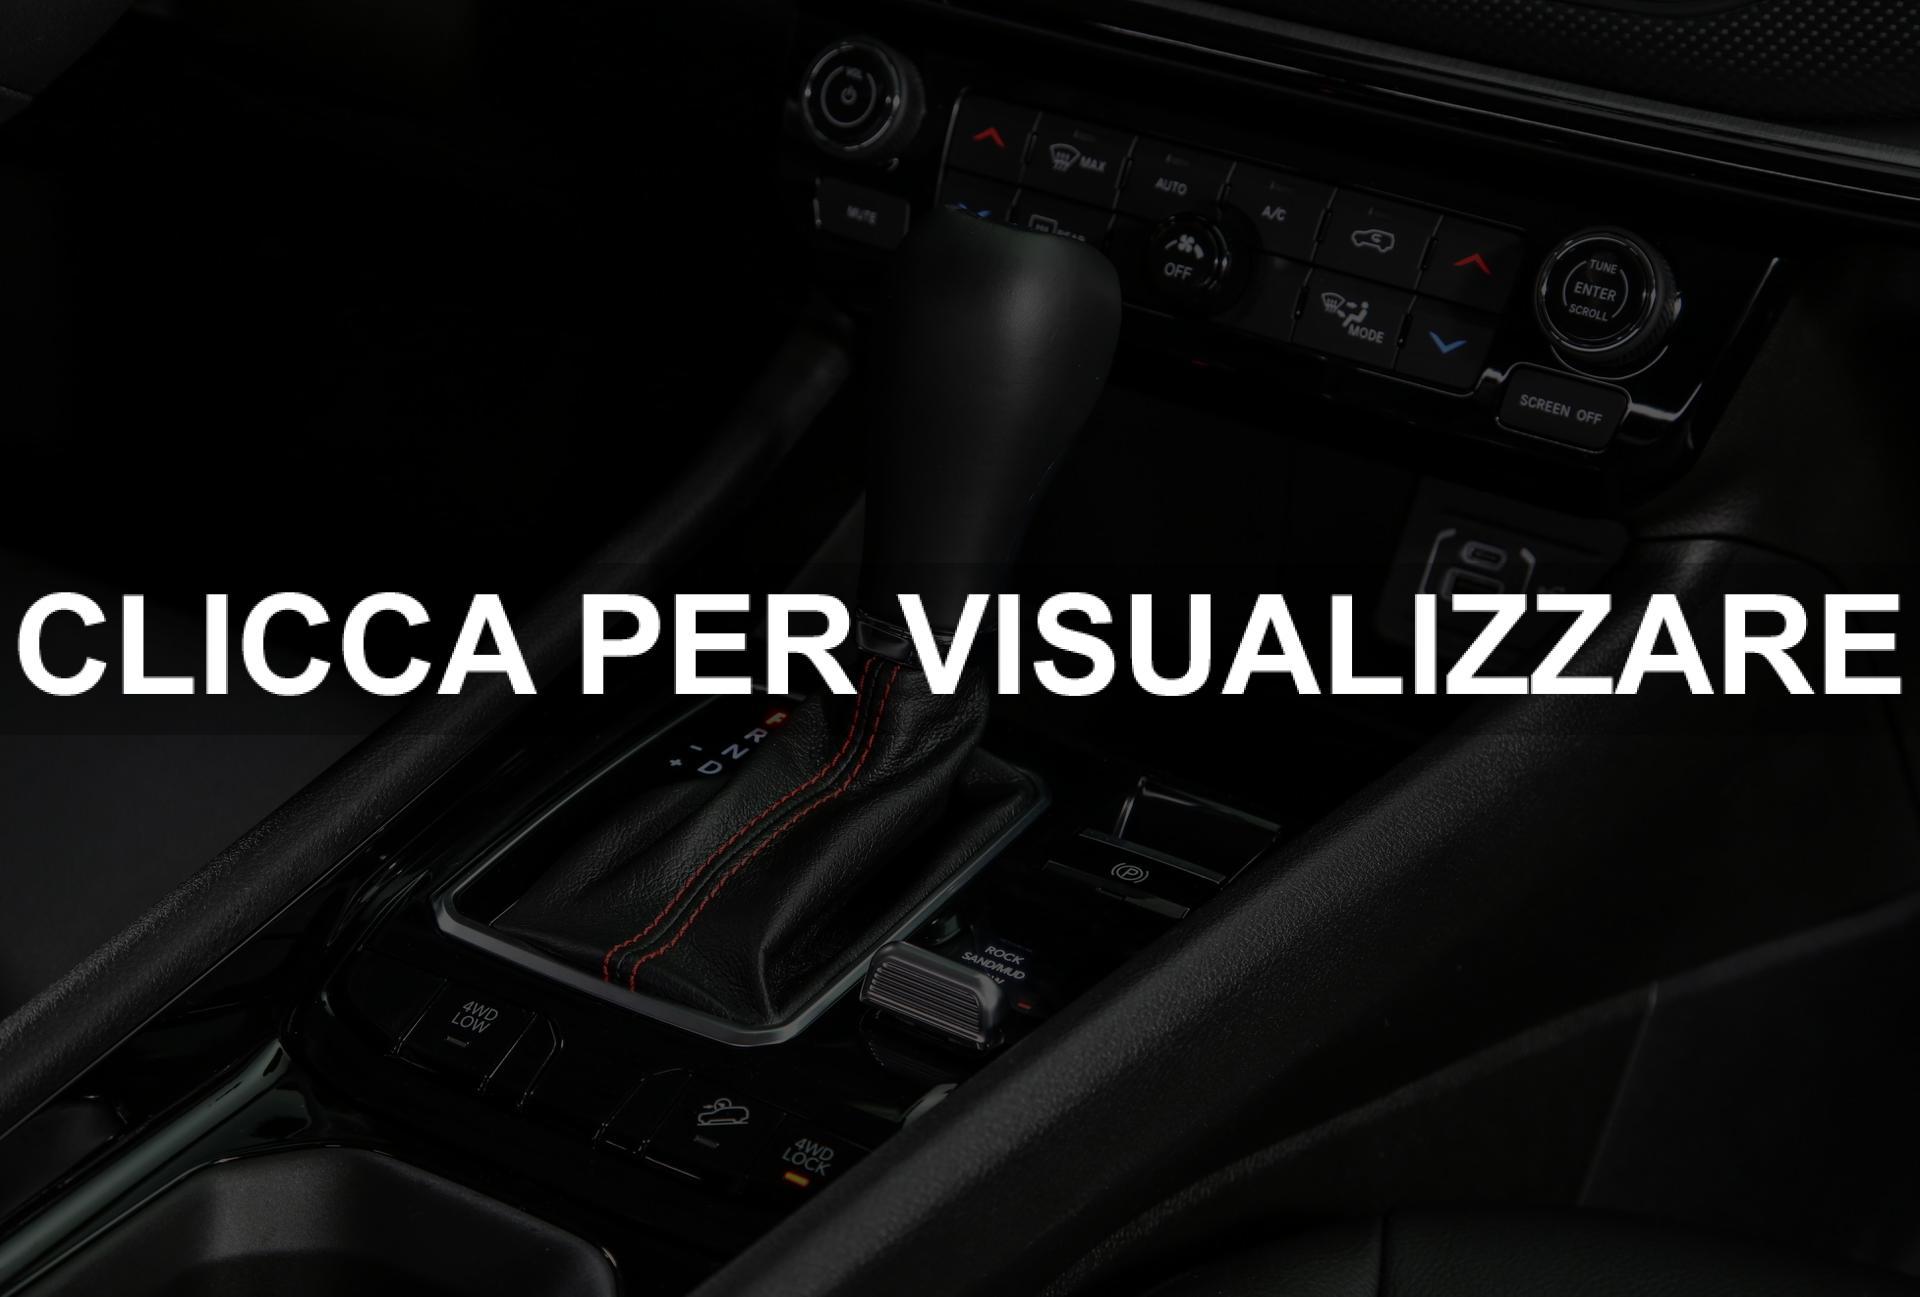 Leva del cambio Jeep Compass 2021